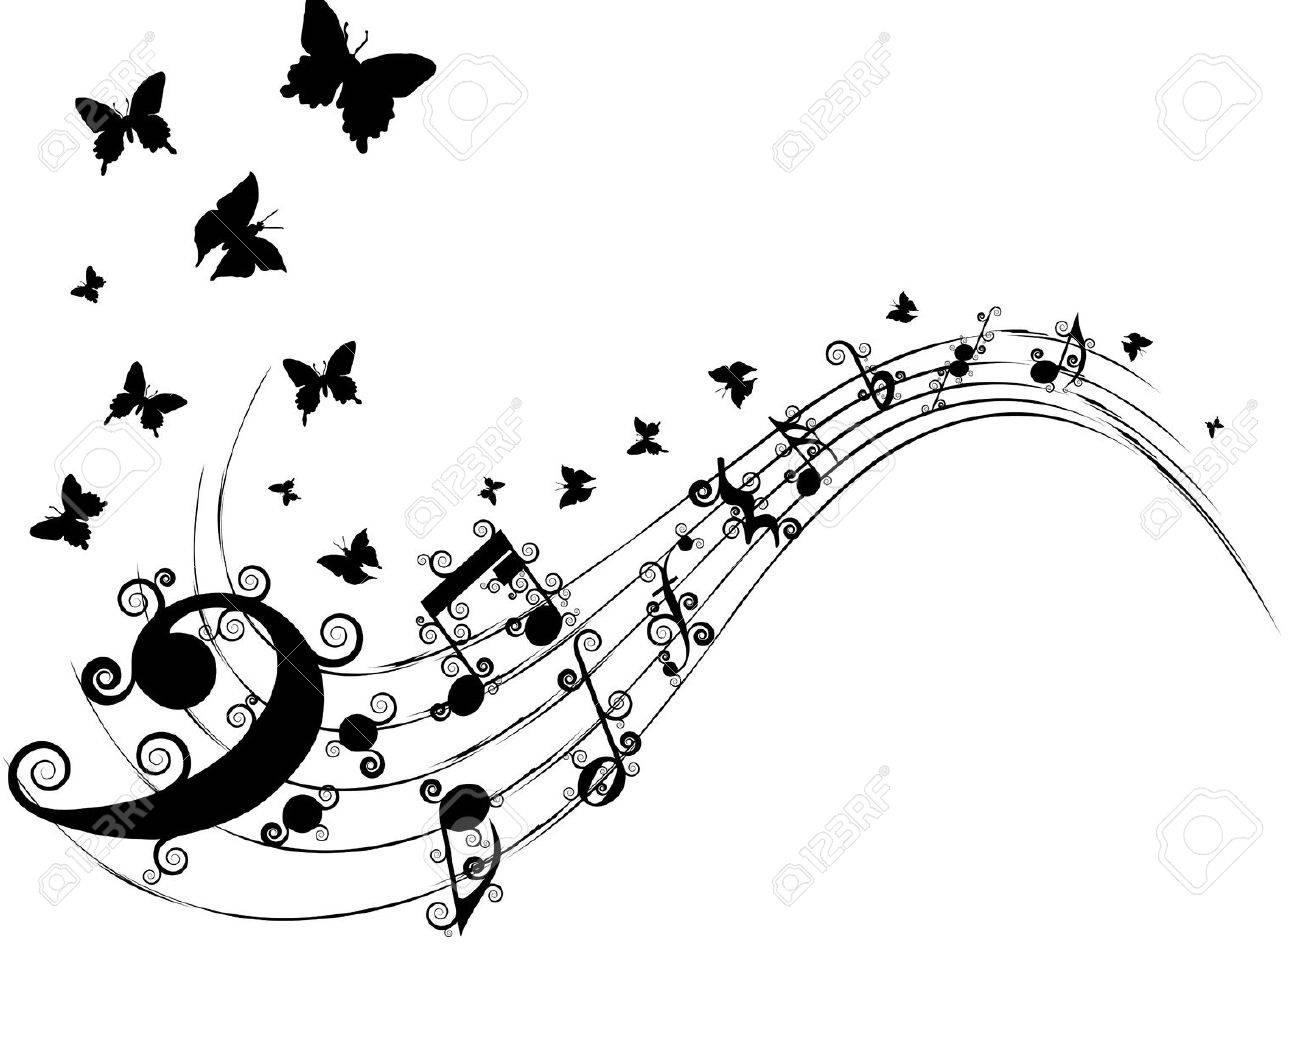 Notas Musicales De Fondo Vector Para El Uso Personal De Diseño